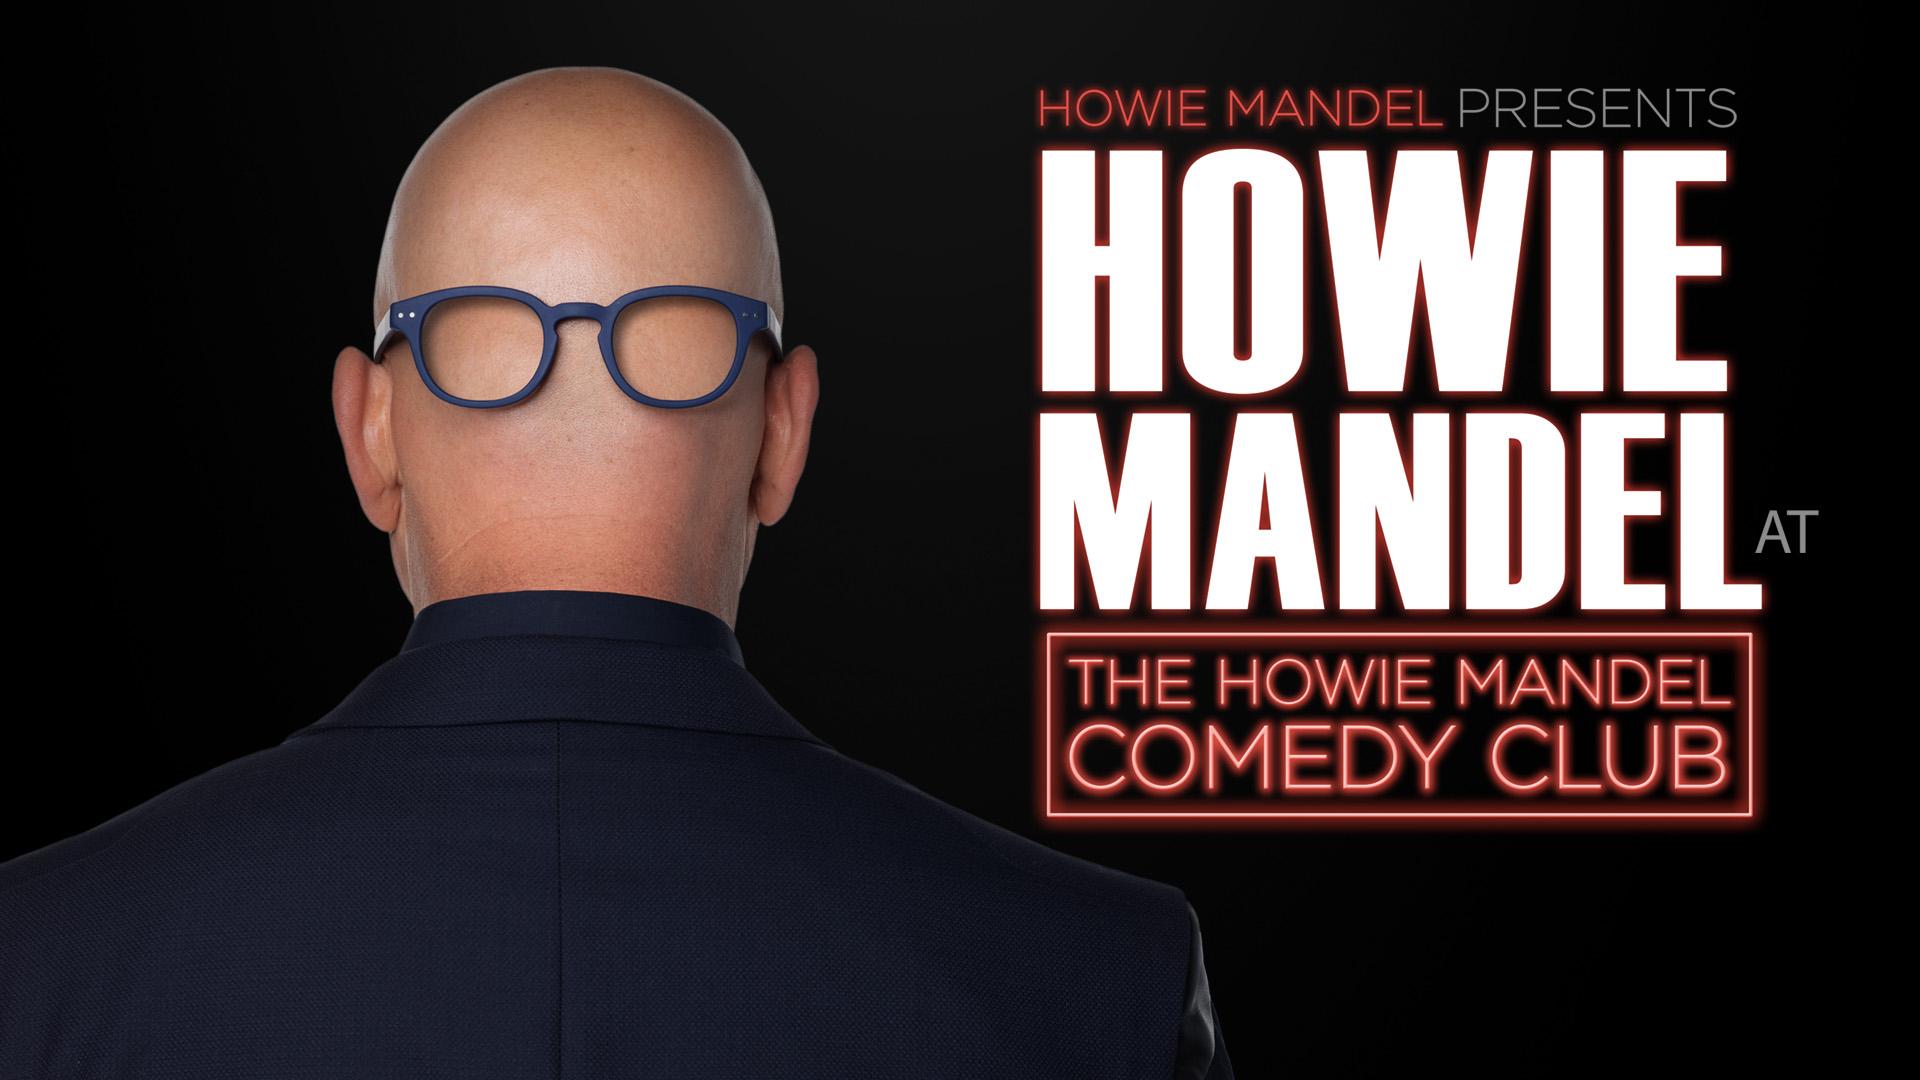 Howie Mandel Presents: Howie Mandel at the Howie Mandel Comedy Club